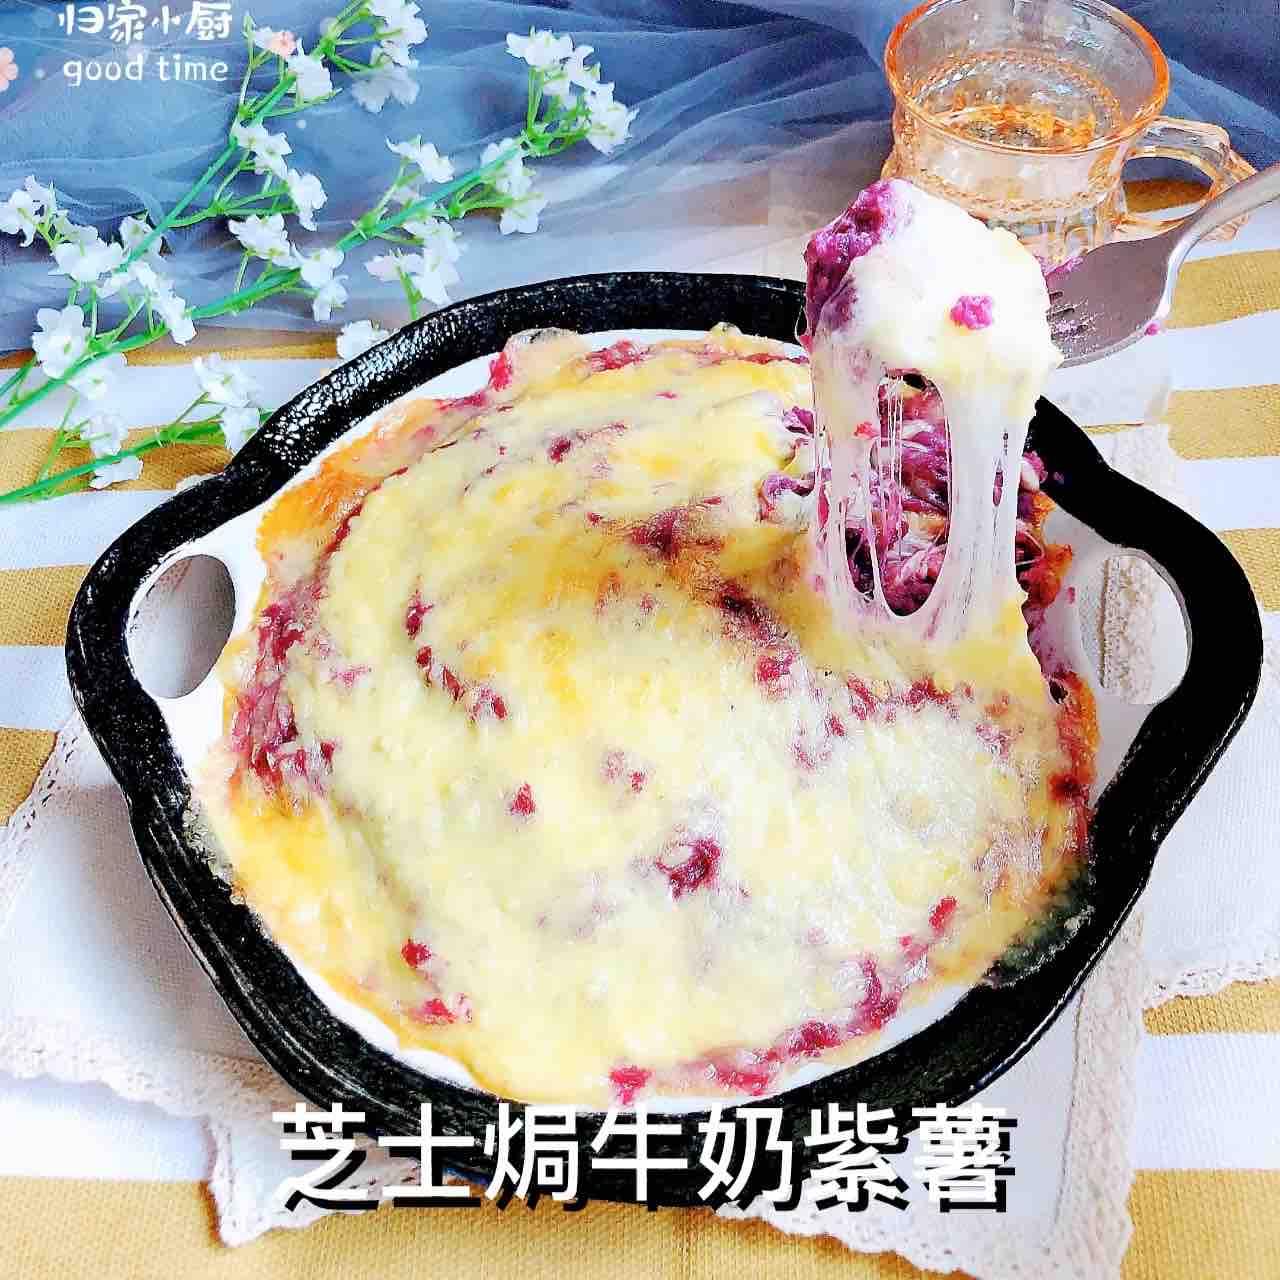 芝士焗牛奶紫薯